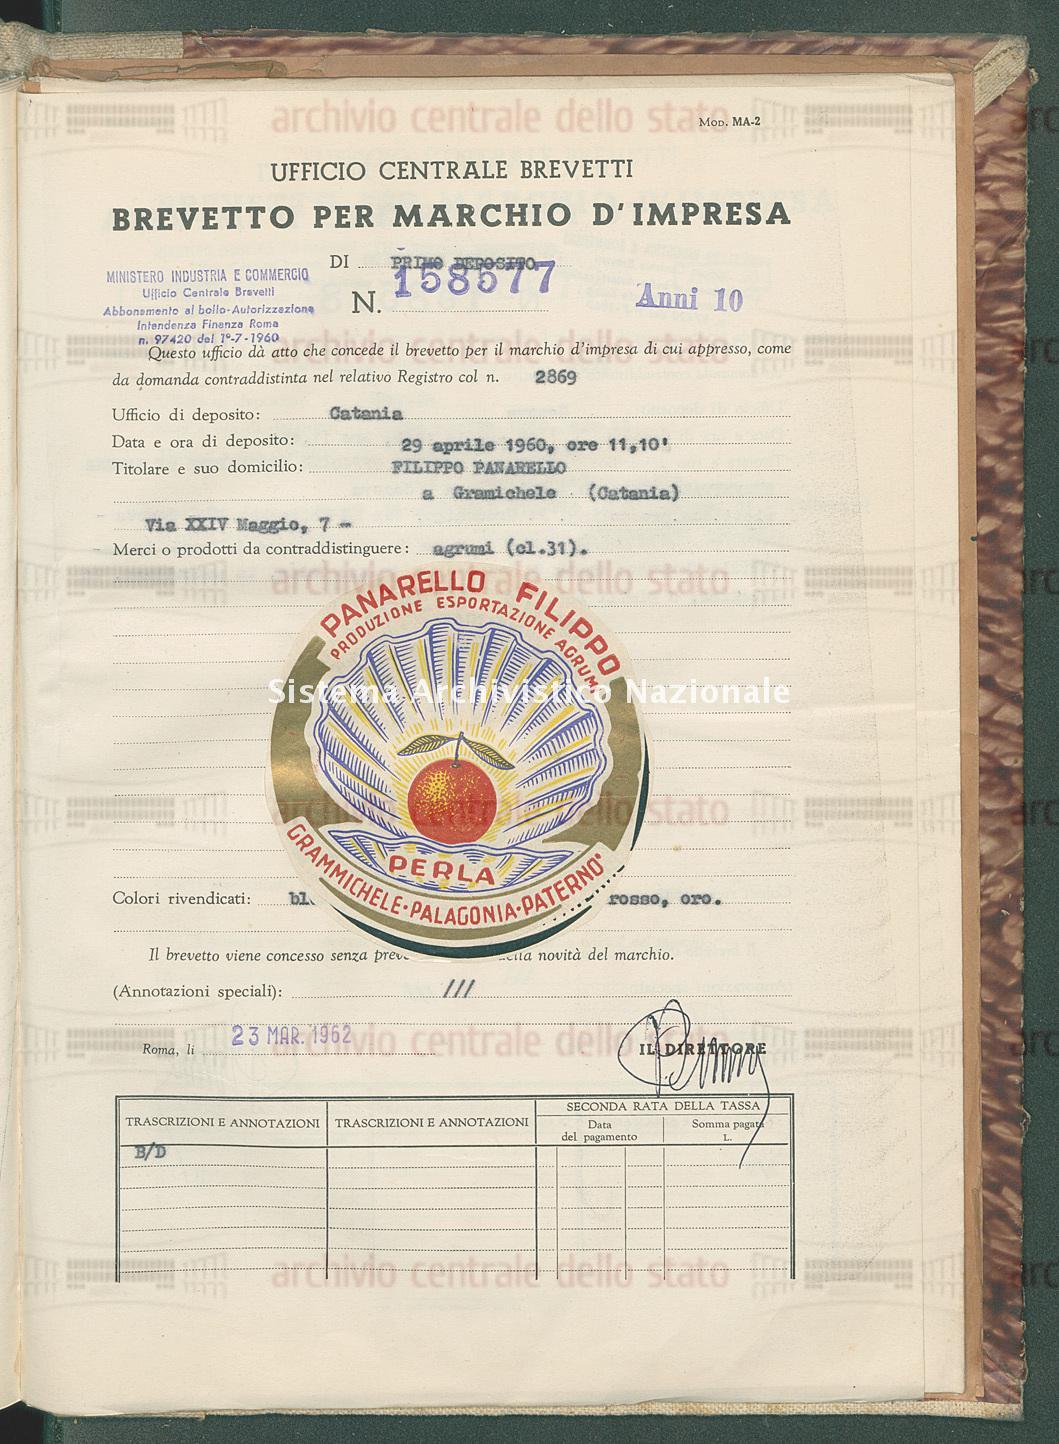 Agrumi Filippo Panarello (23/03/1962)